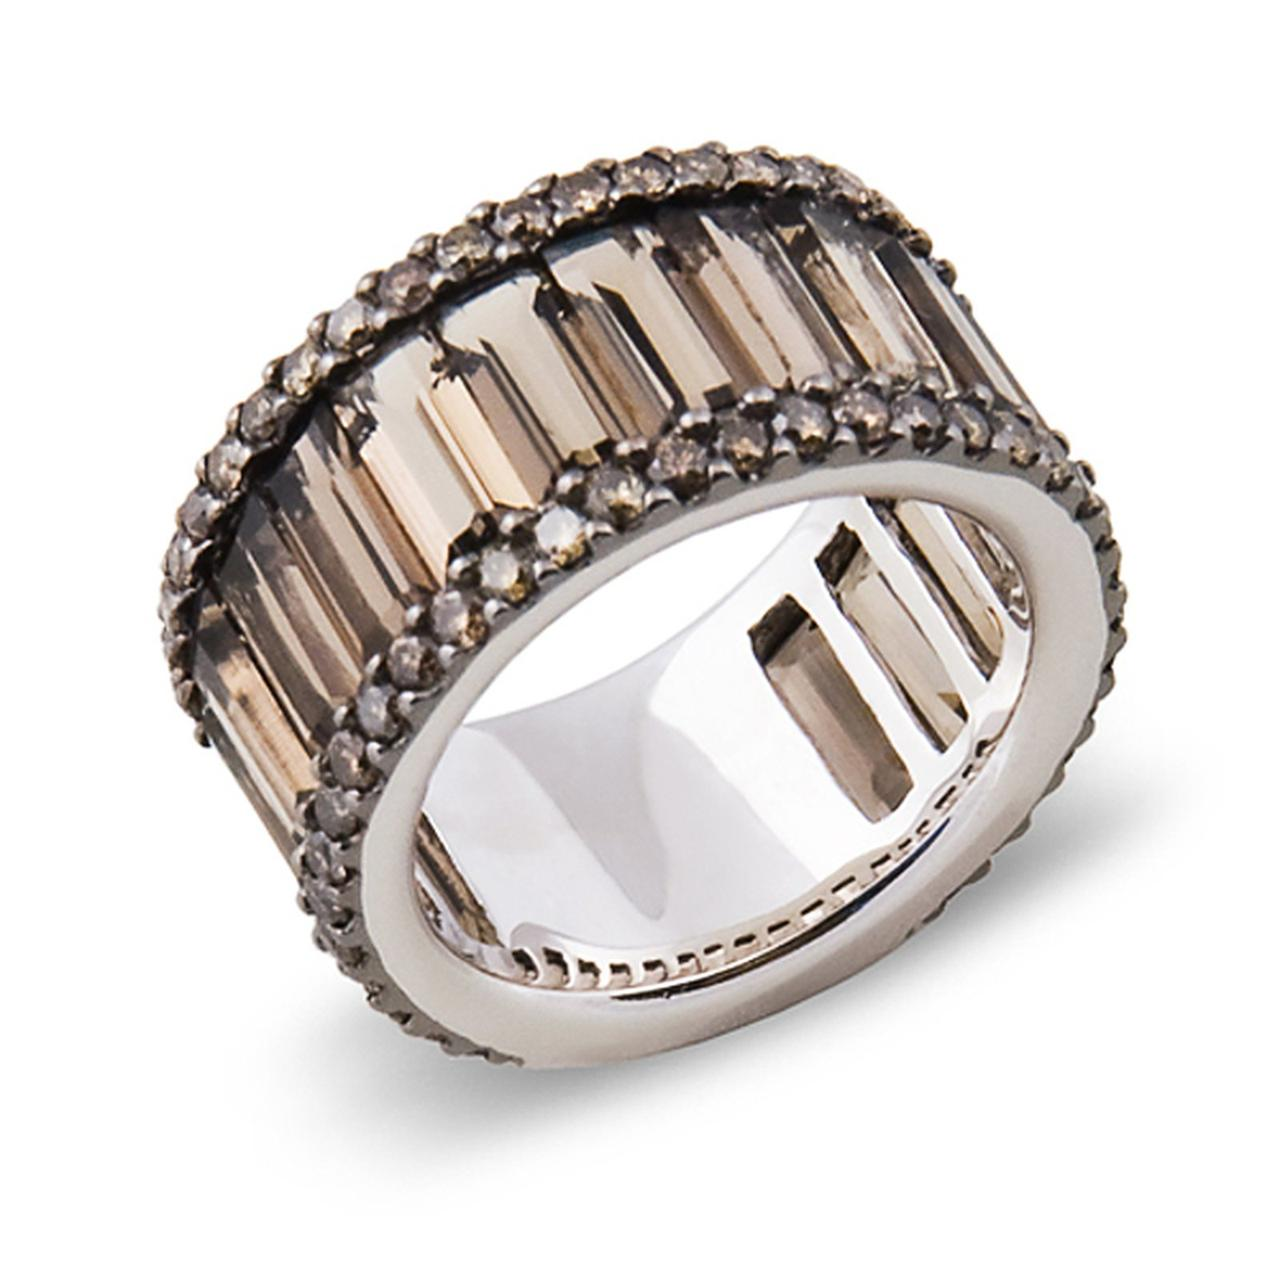 Золотое кольцо с бриллиантами и дымчатыми кварцами, размер 16.5 (000006)